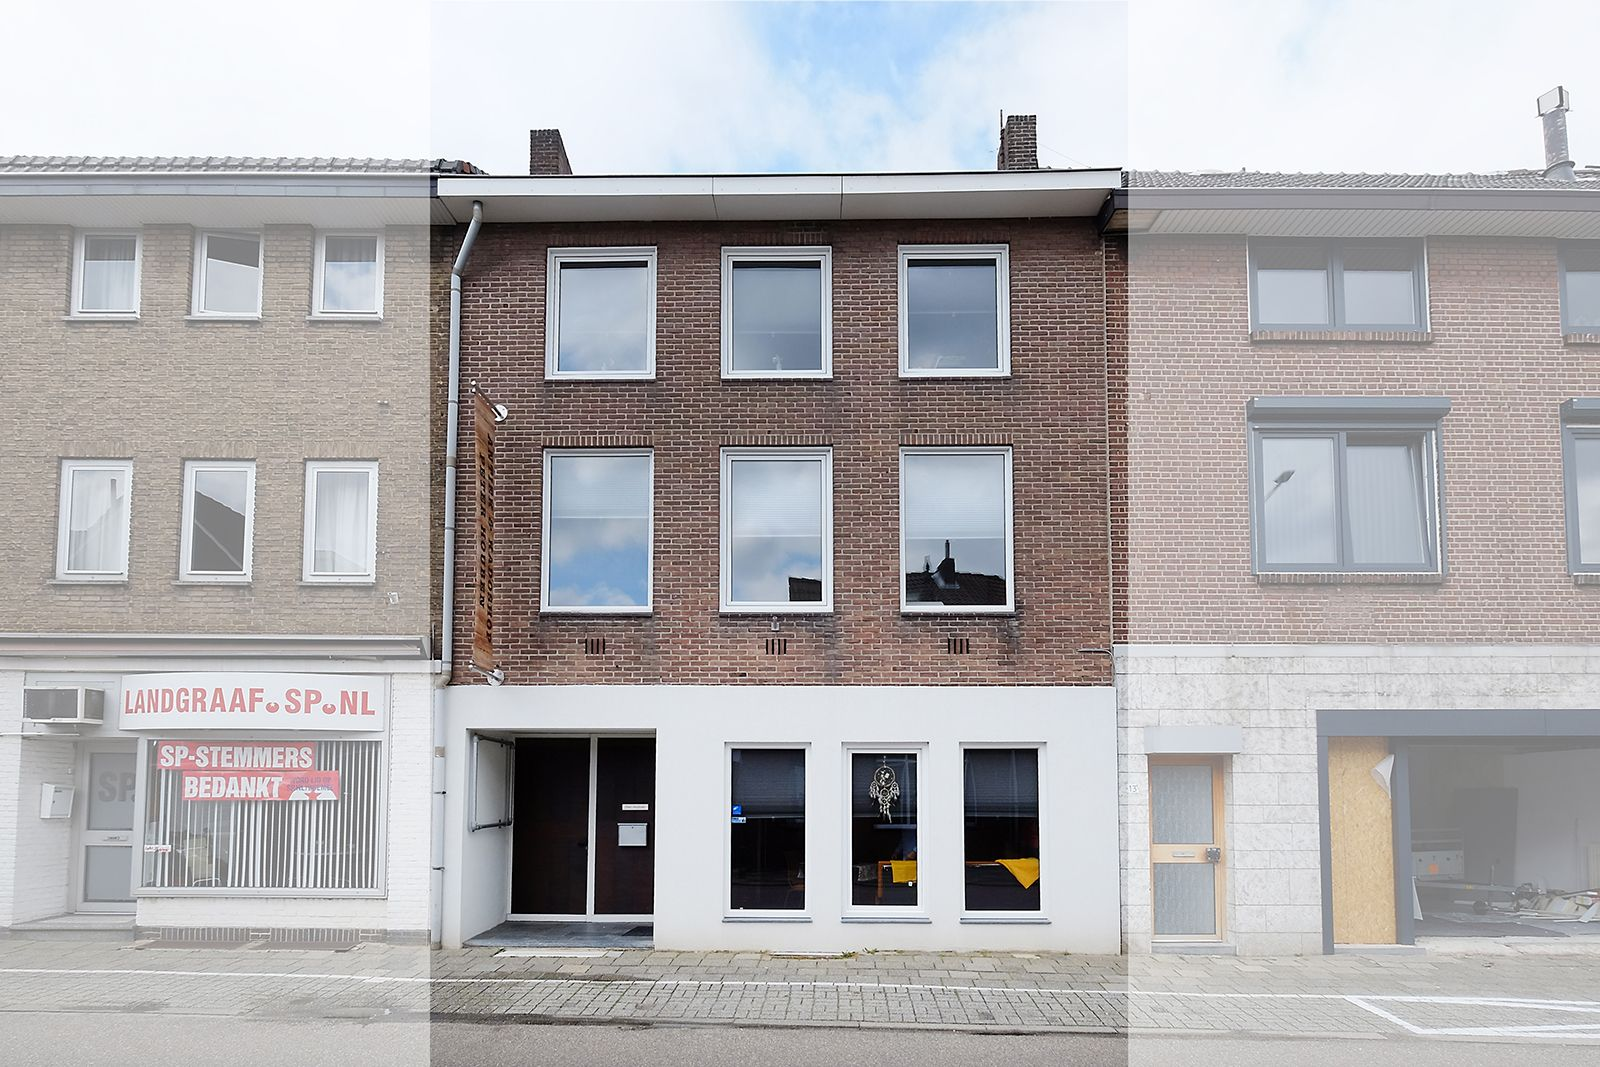 Maastrichterlaan 11-a, Landgraaf